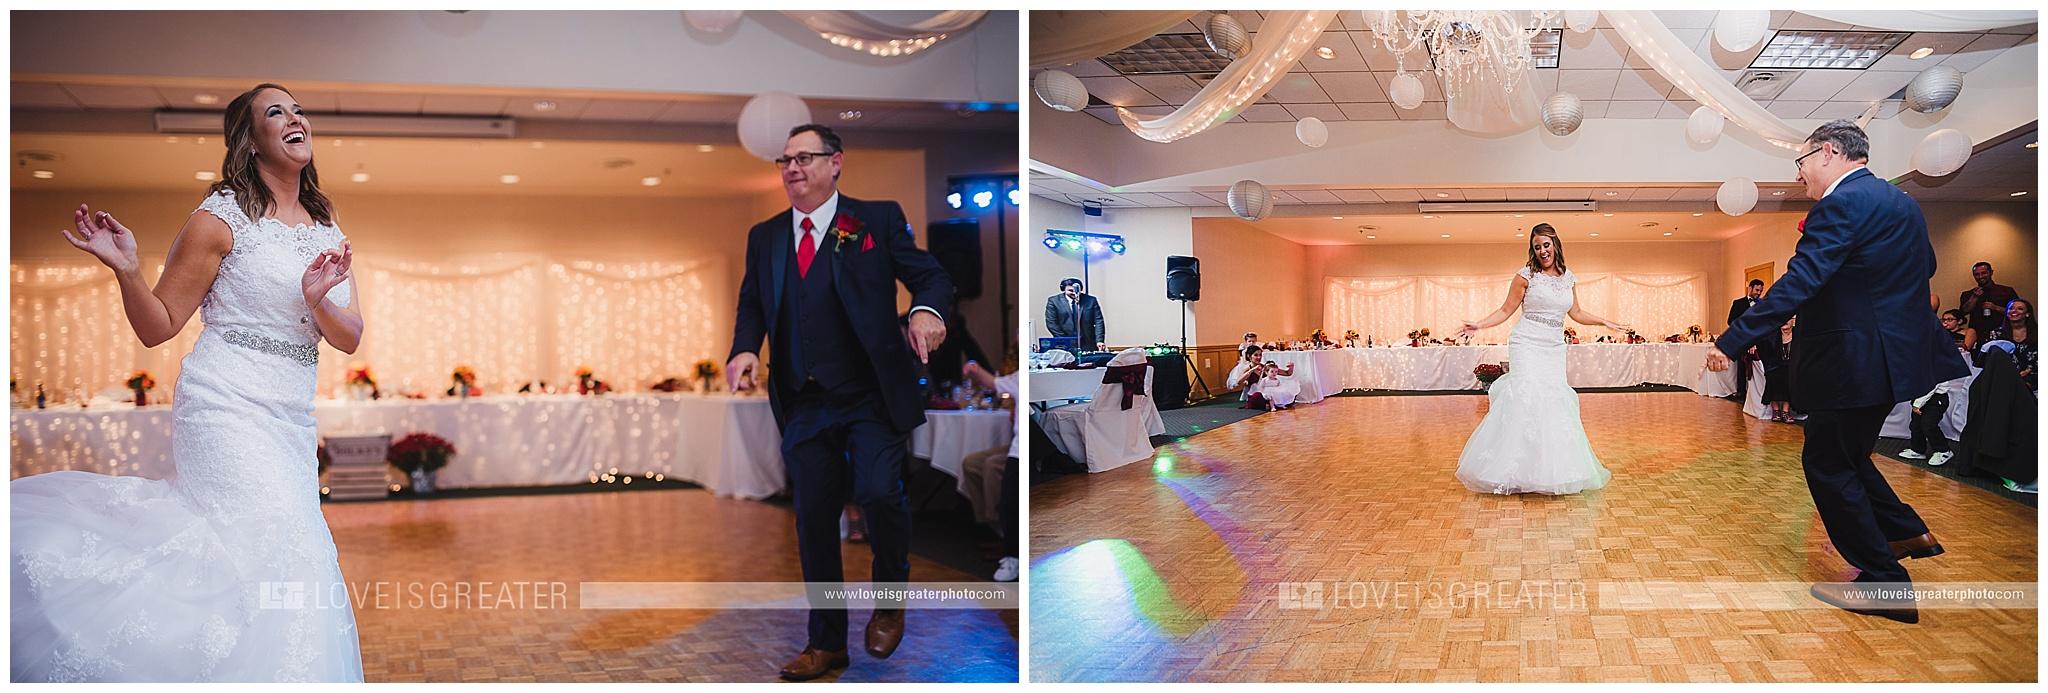 toledo-wedding-photographer_0172